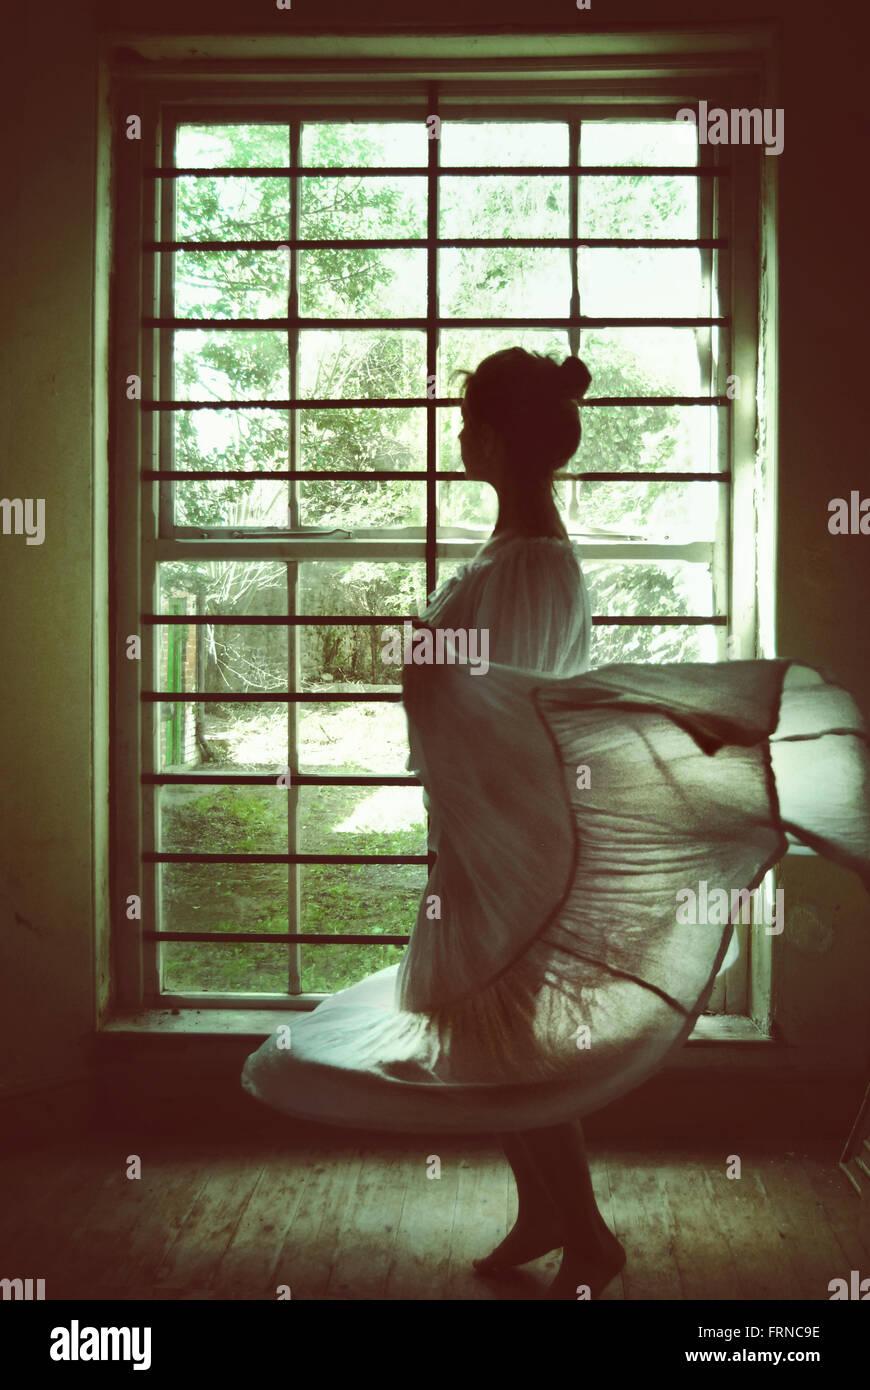 Jeune femme dansant dans une vieille maison avec une grande fenêtre Photo Stock